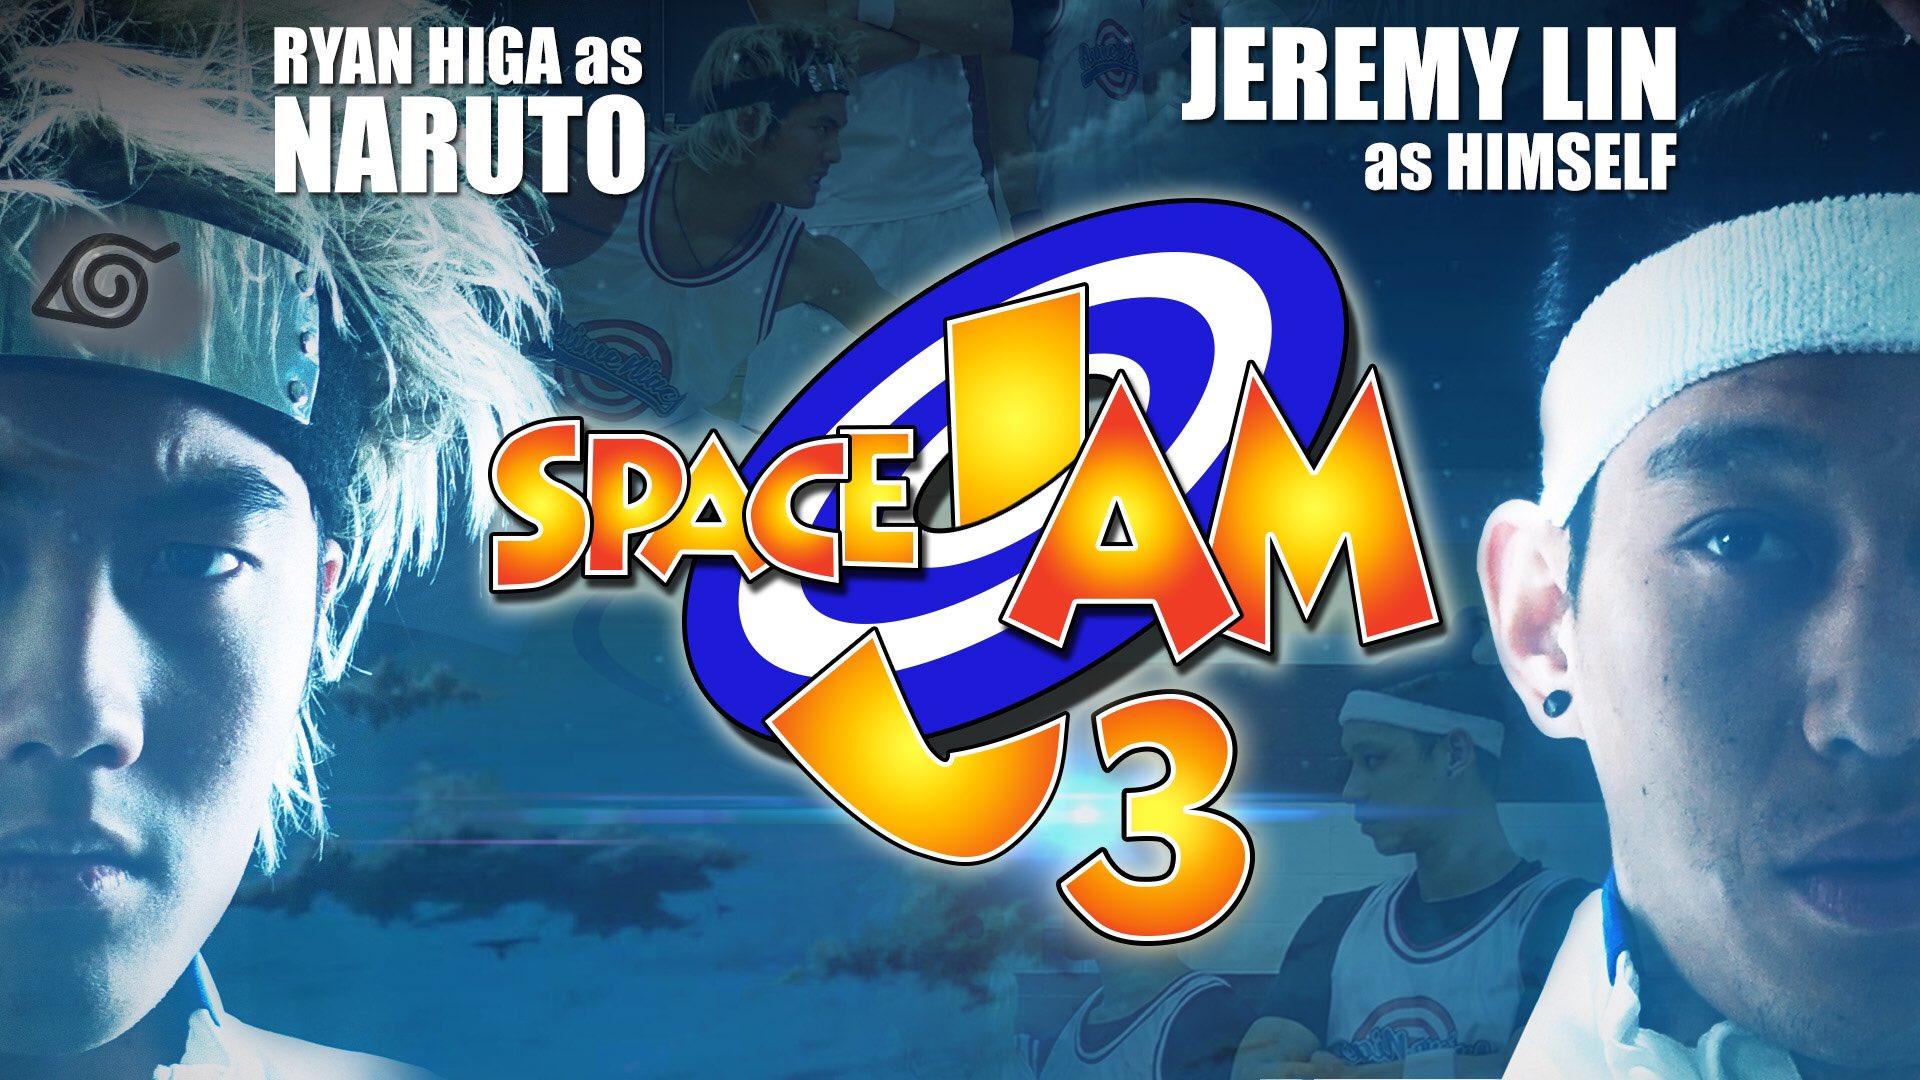 Jeremy Lin vedette de Space Jam... 3